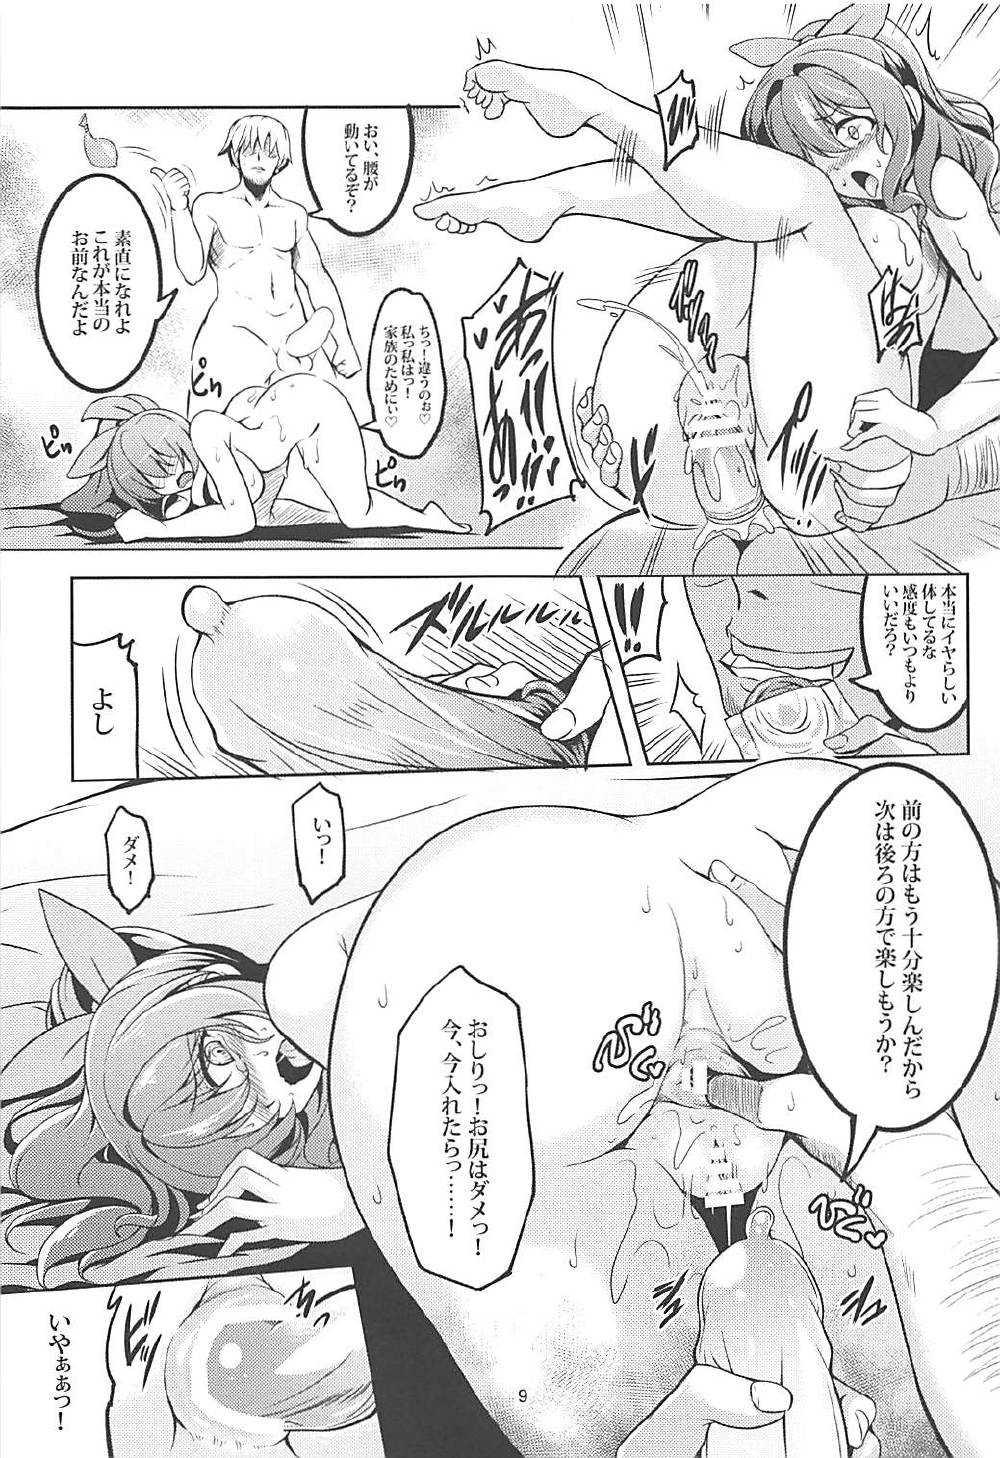 【エロ同人誌】援交バイトをしている沙綾が悪い客に媚薬を飲まされキメセク堕ちwww【BanG Dream!/COMIC1☆12】